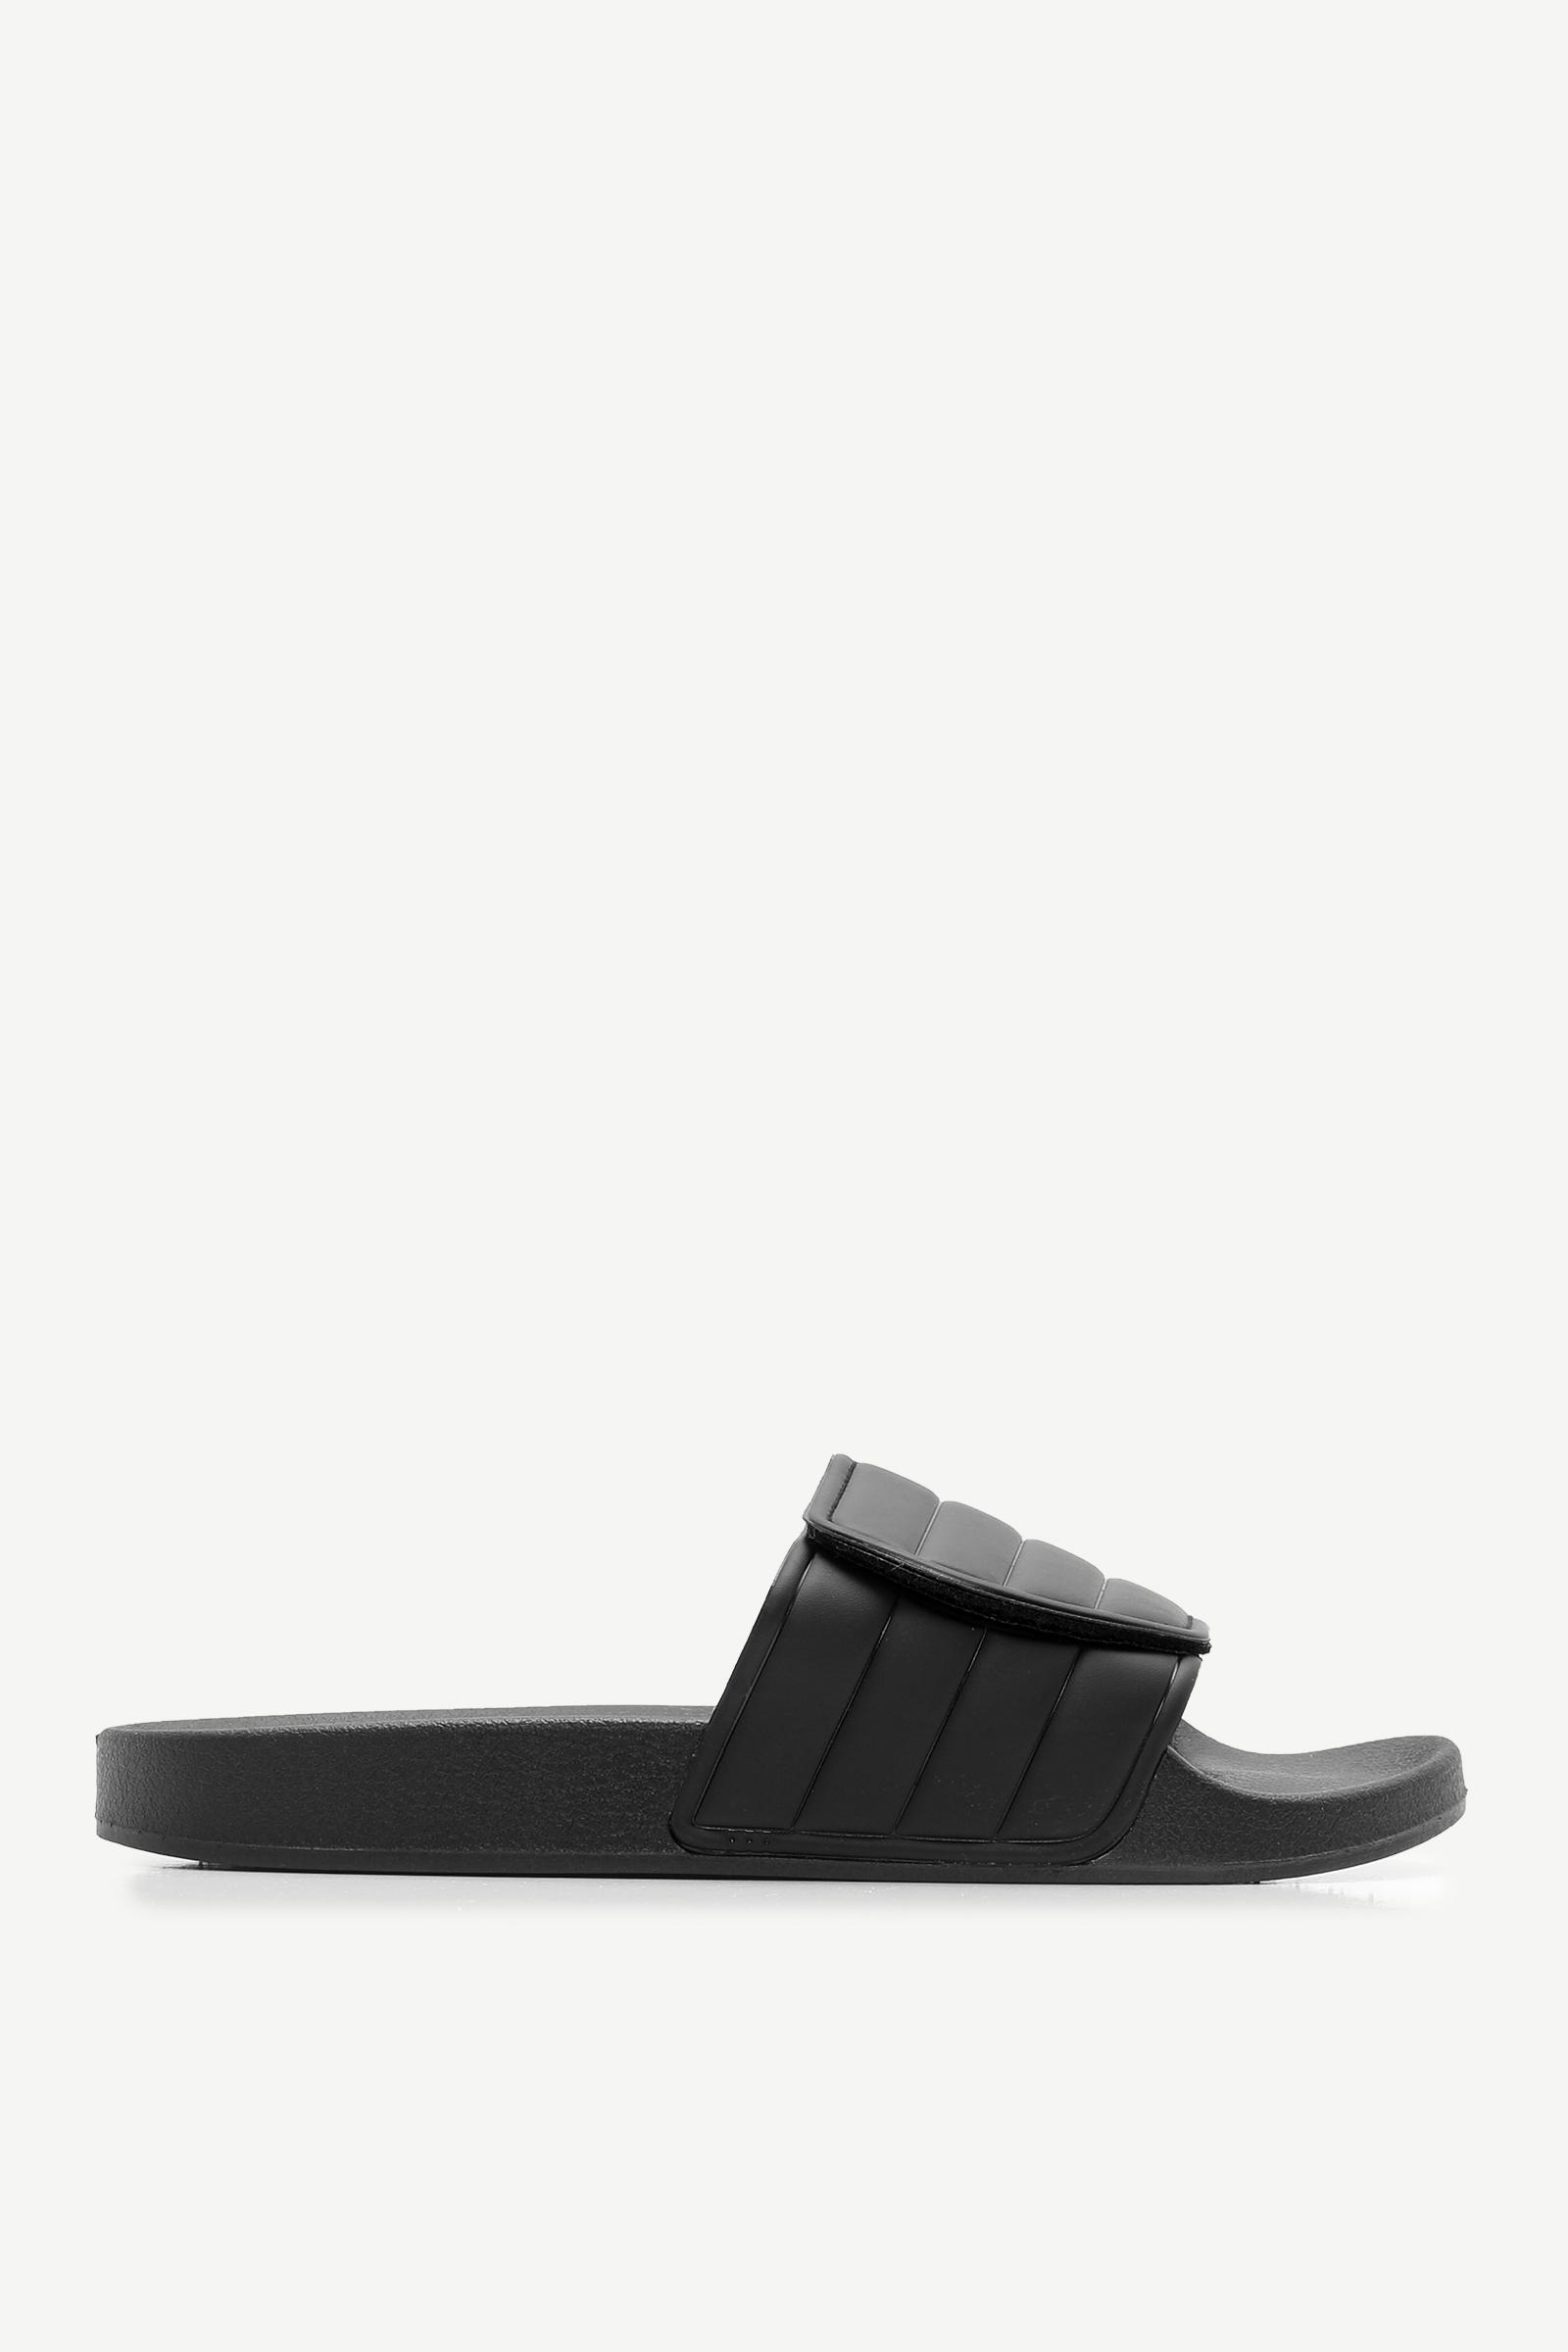 Adjustable Slides - Shoes | Ardene